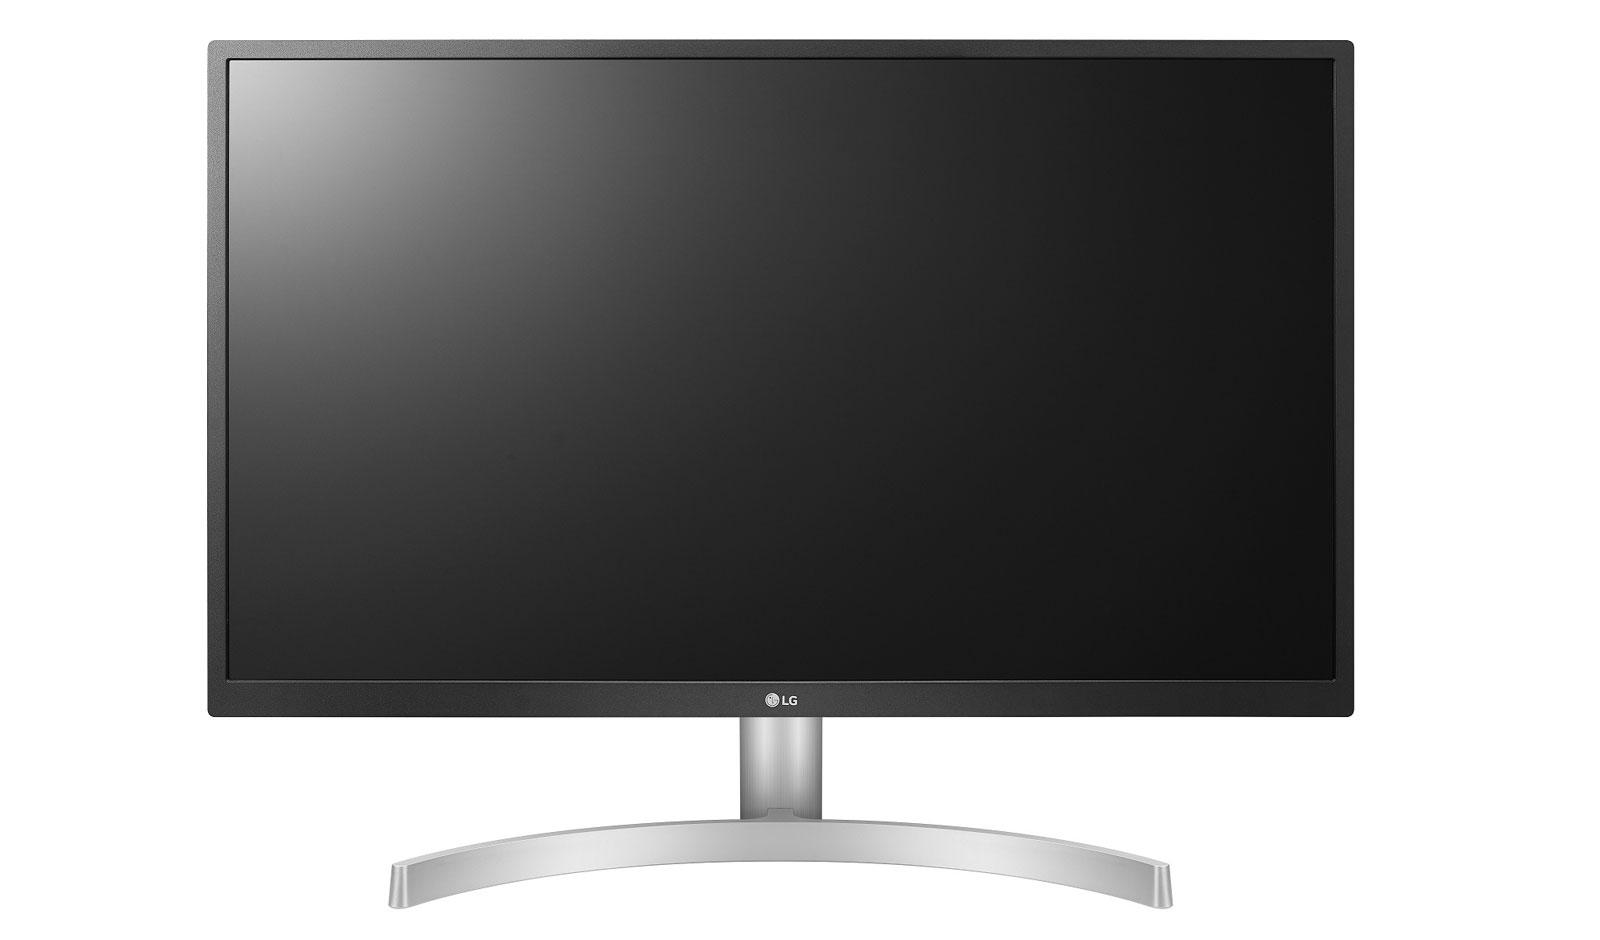 מסך מחשב 27 אינטש 4K מקצועי LG 27UL500-W אל ג'י - תמונה 3